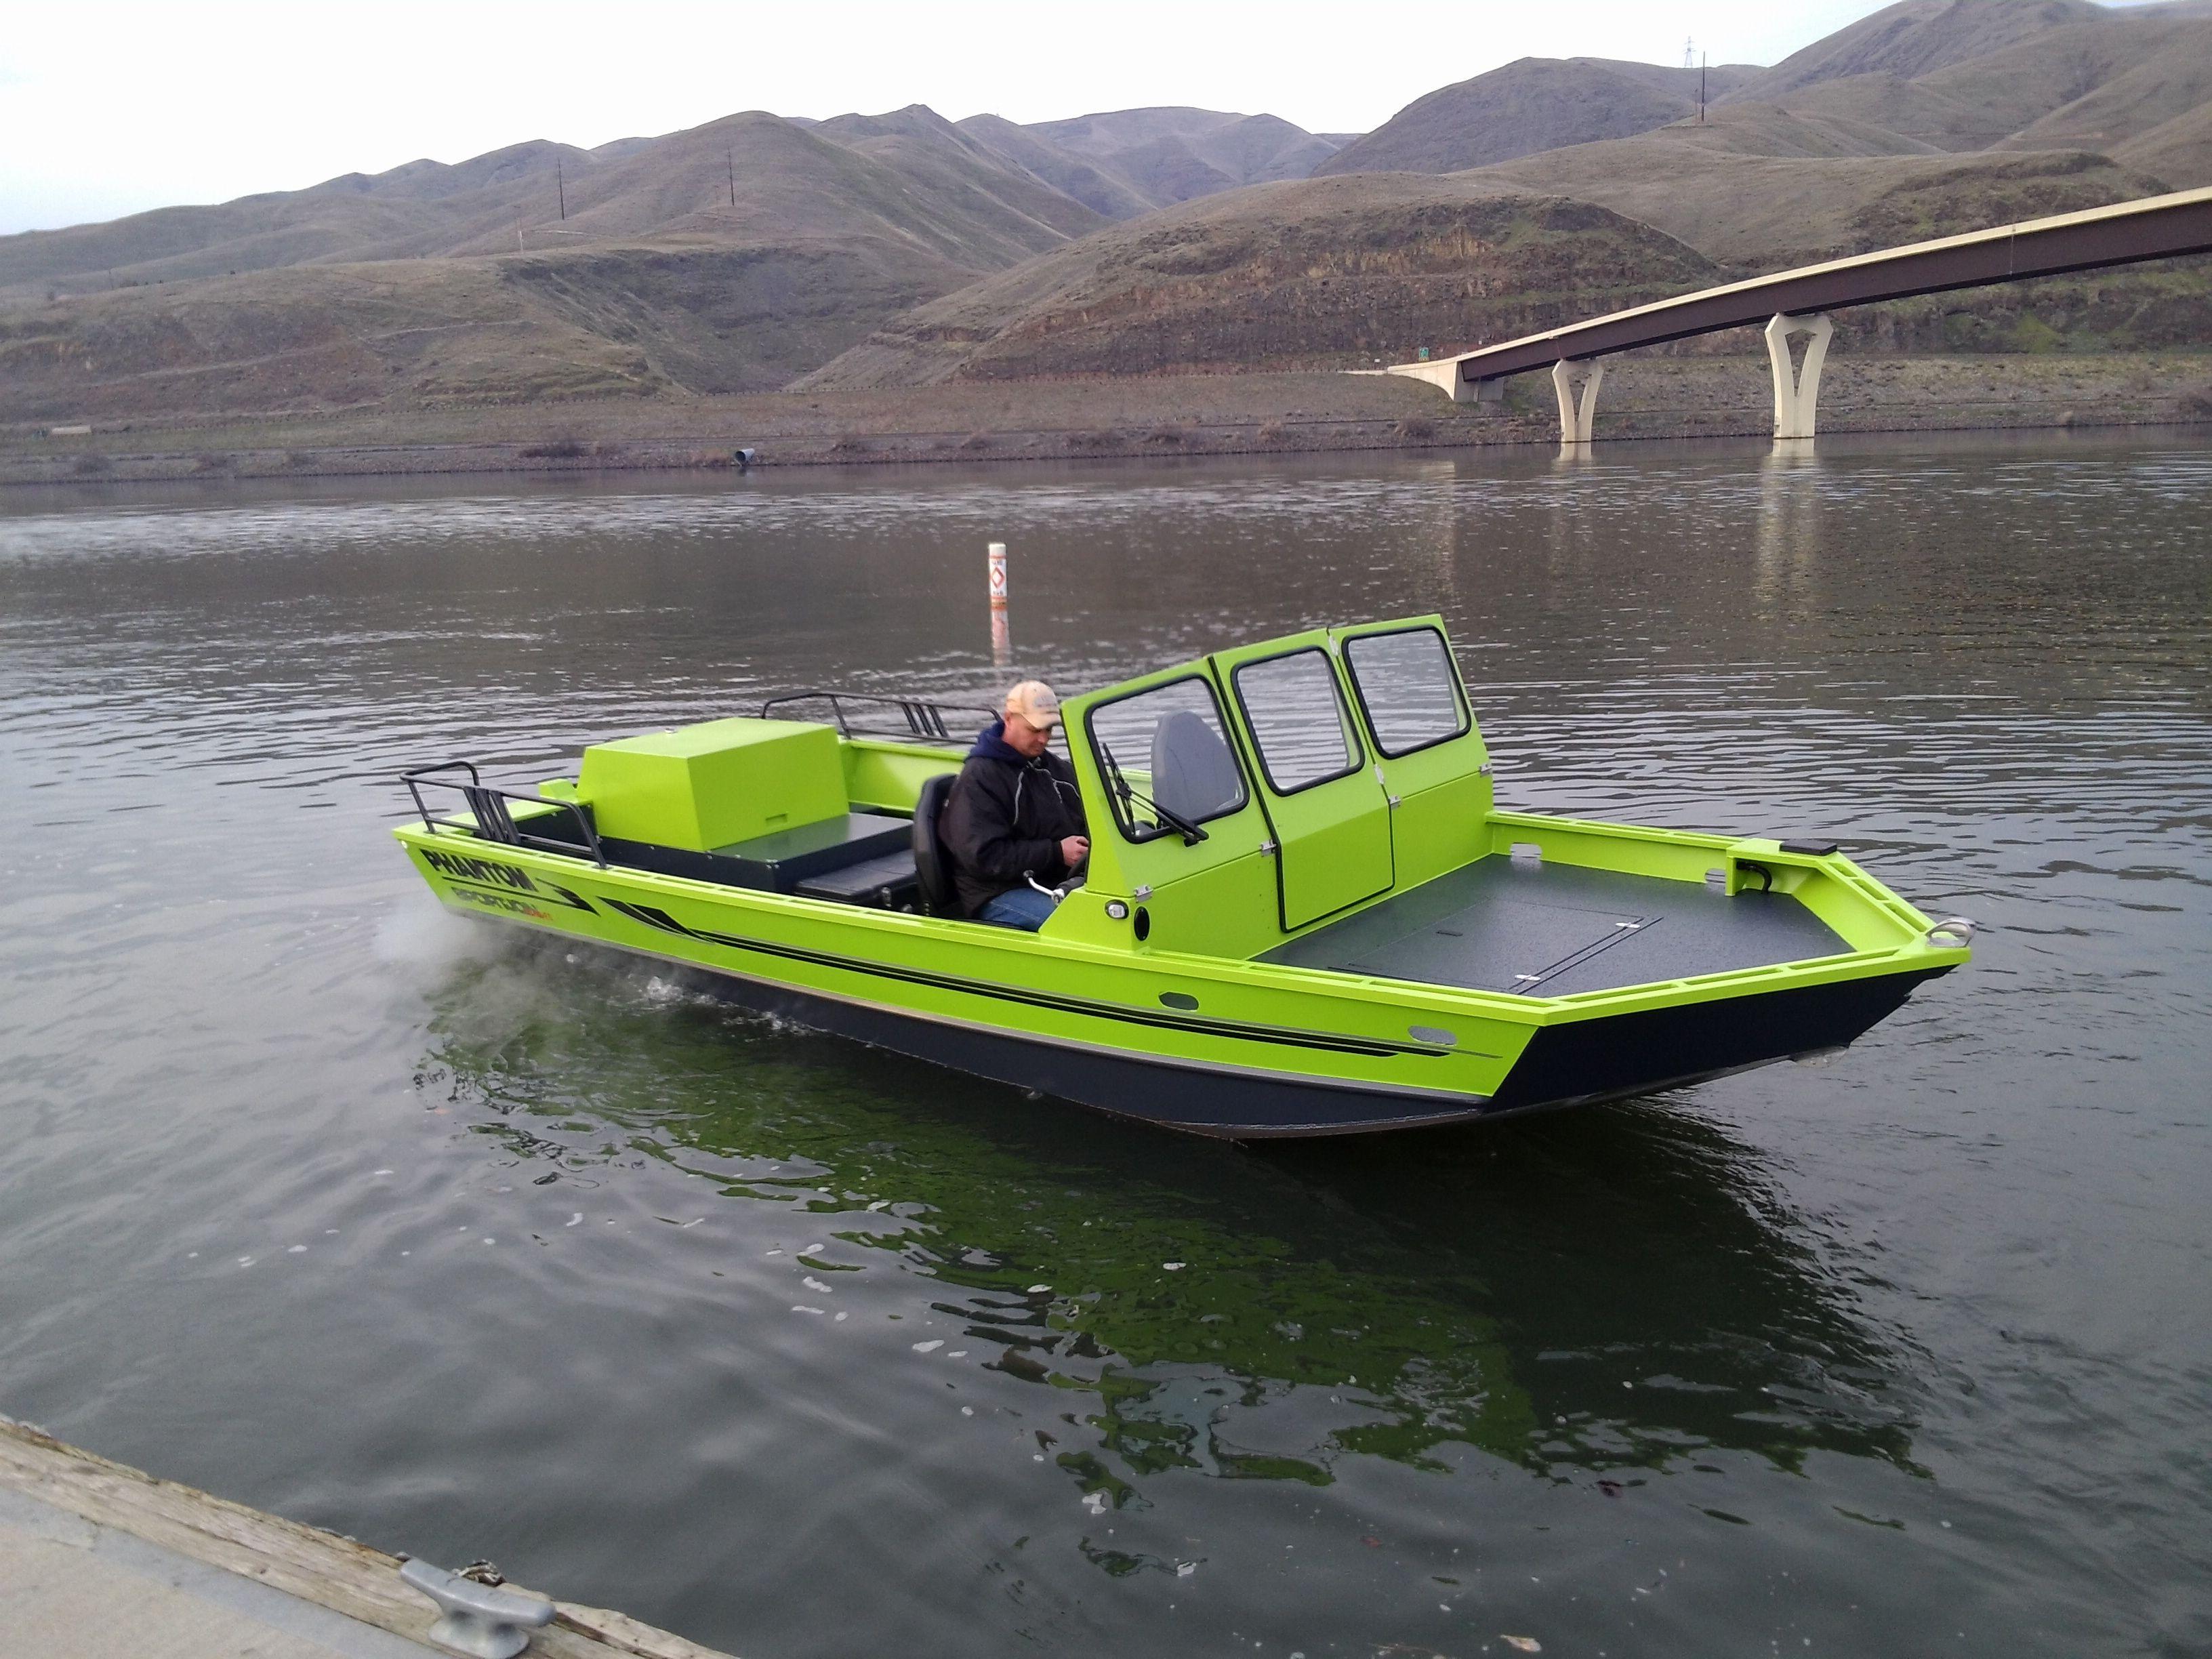 Phantom sportjon invader phantom jet boats pinterest for Fishing jet boat